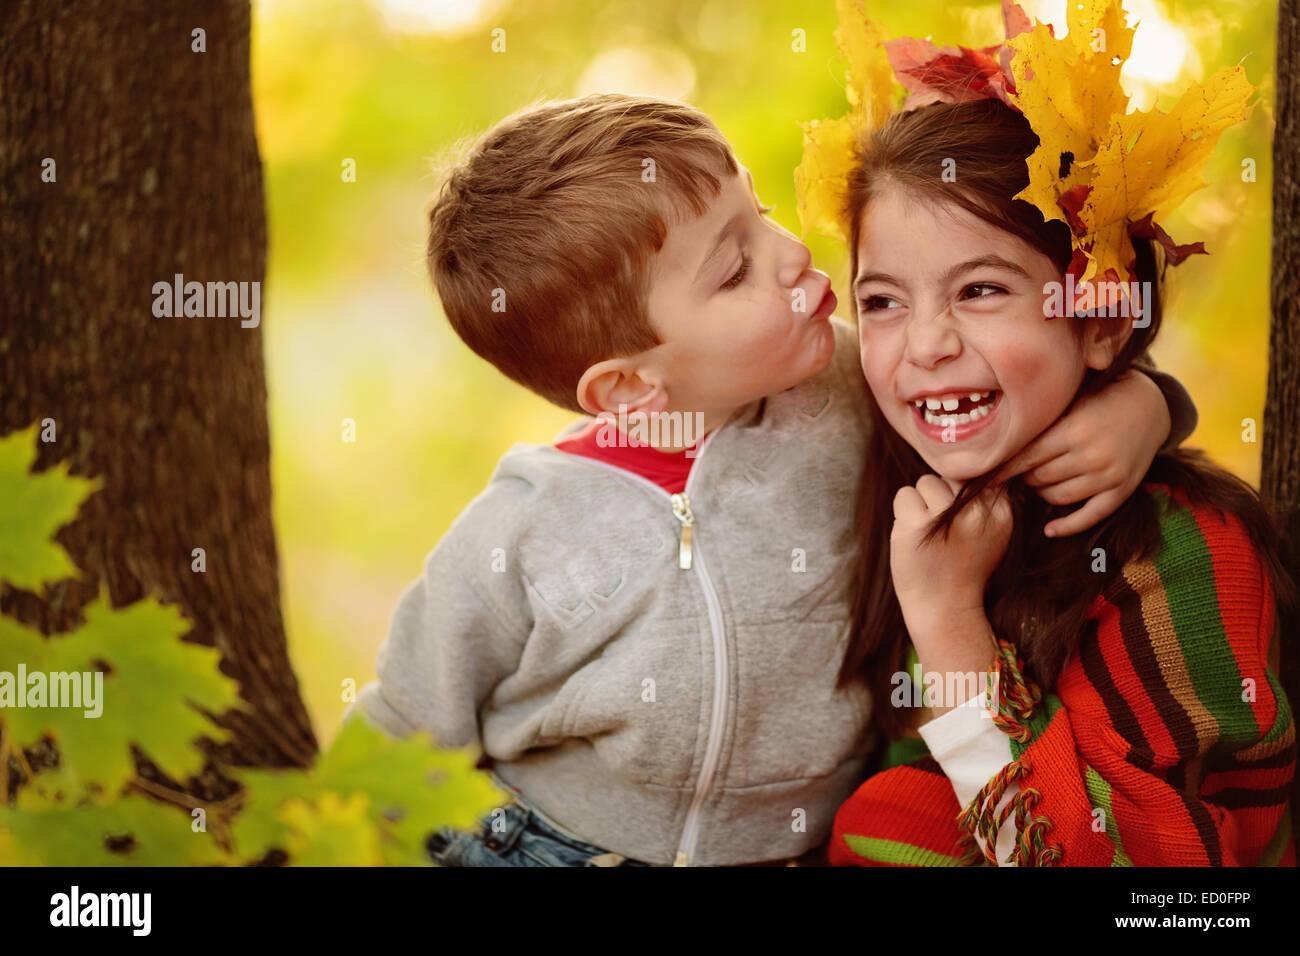 Junge, eine Mädchen, das versucht, sie zu küssen umarmen Stockbild